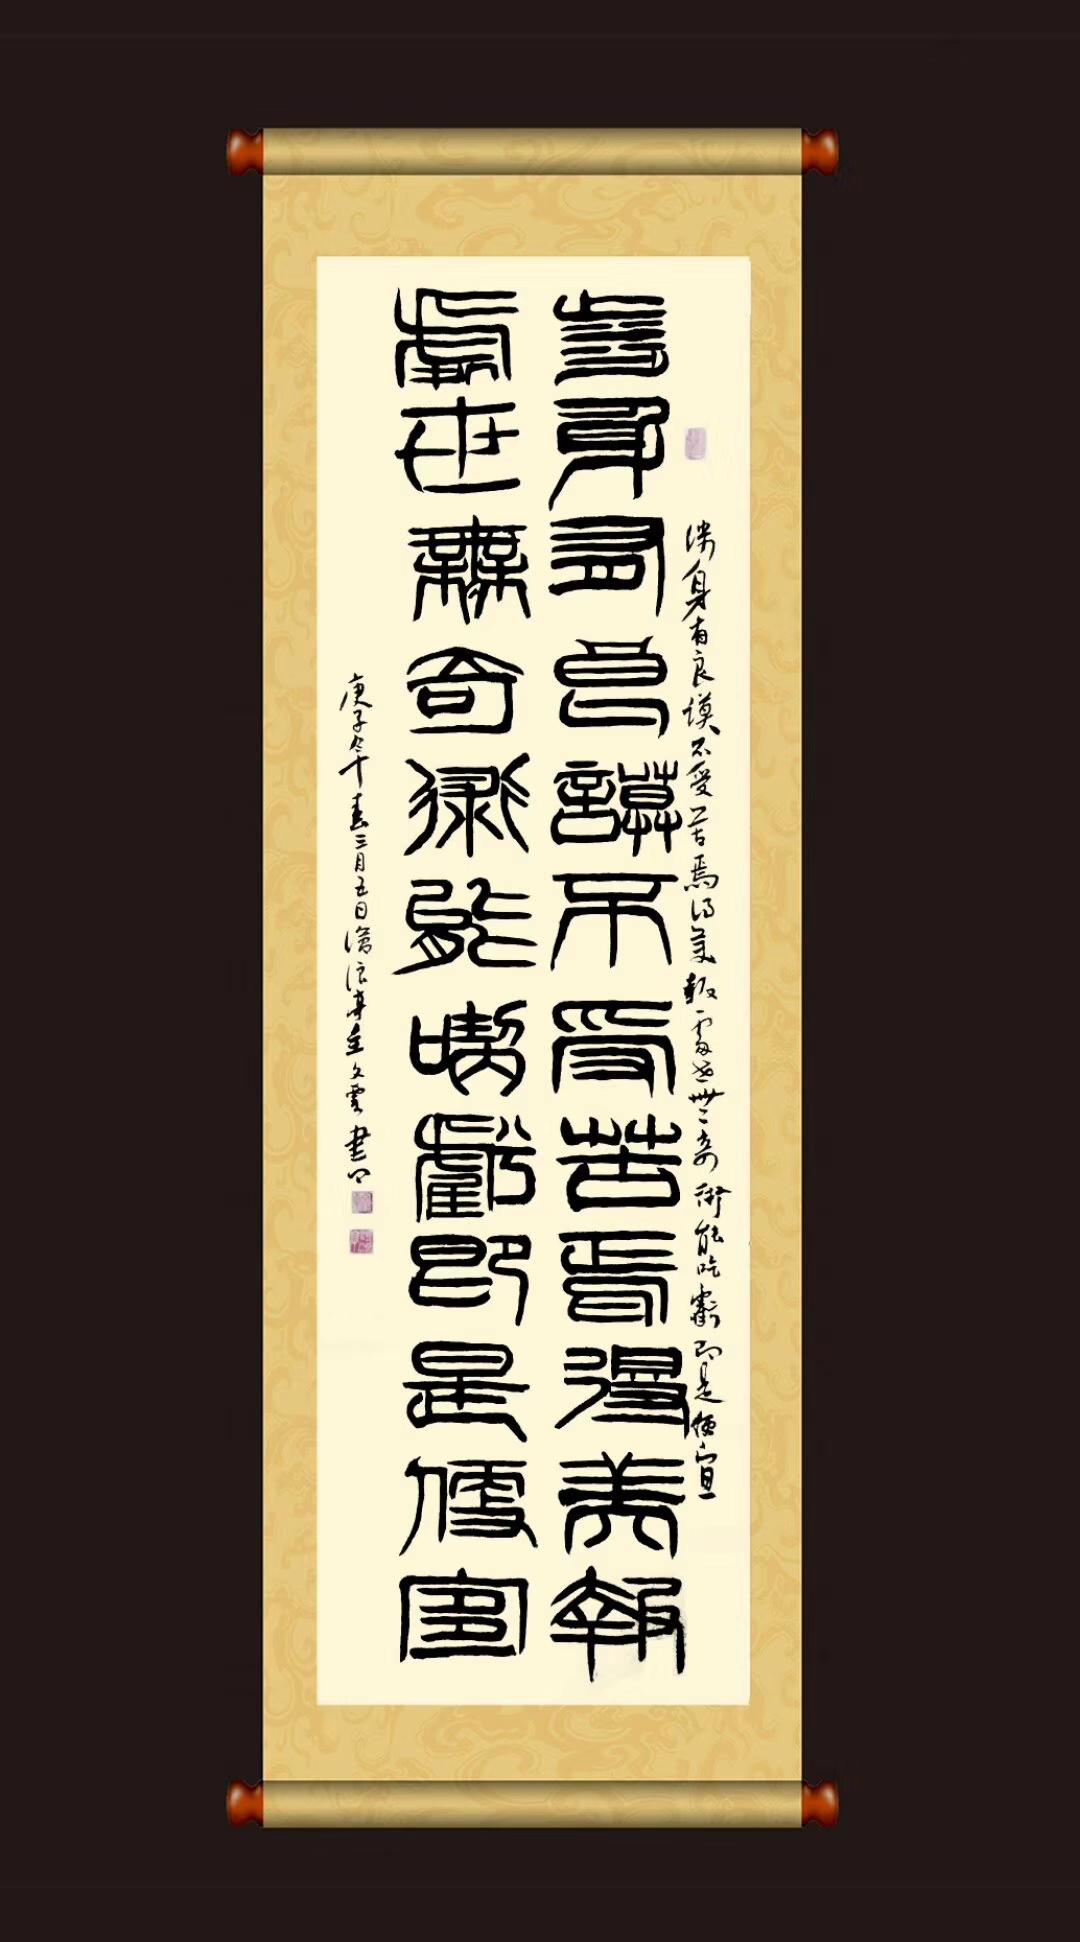 展艺术名人风采,弘万家文化精髓——曹俊海(九十六)